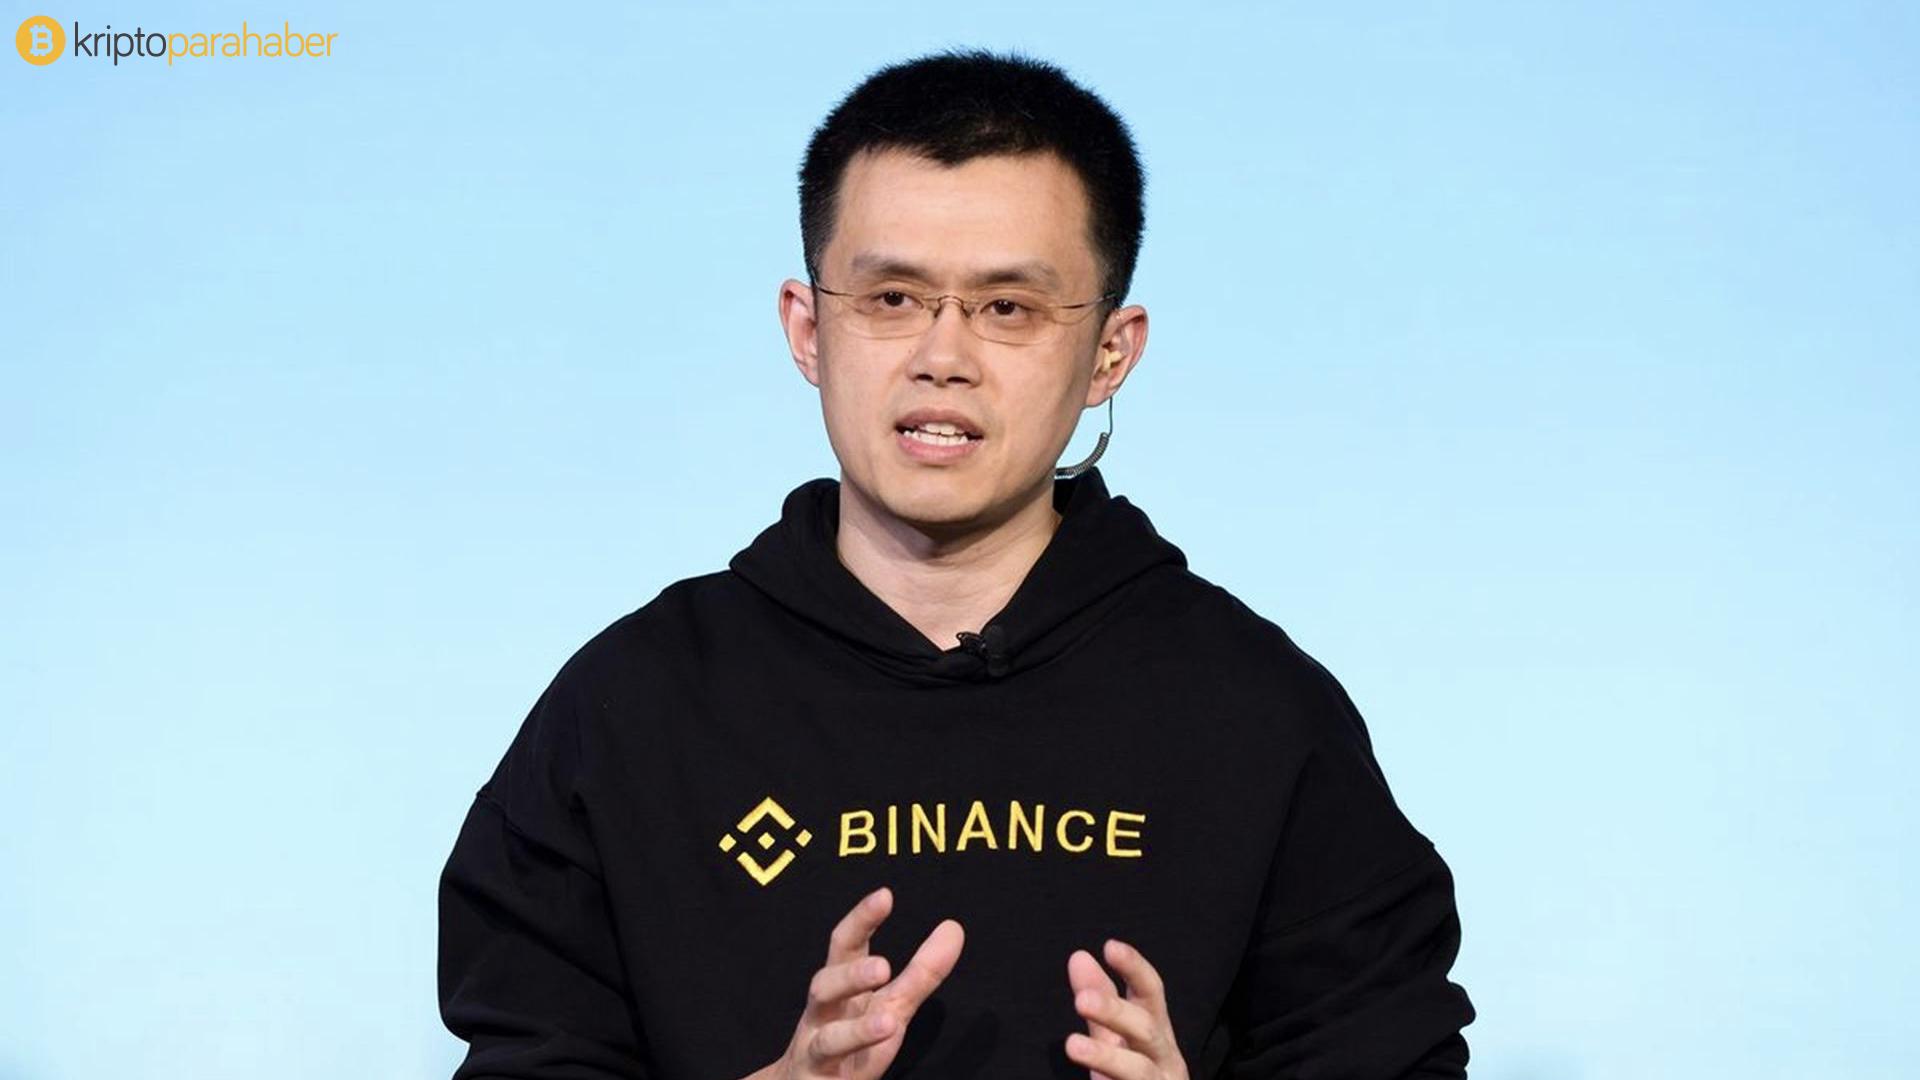 Binance CEO'su Changpeng Zhao, Bitcoin piyasasının Tesla ve Apple hisseleri gibi varlıklardan daha az değişken olduğunu iddia etti.